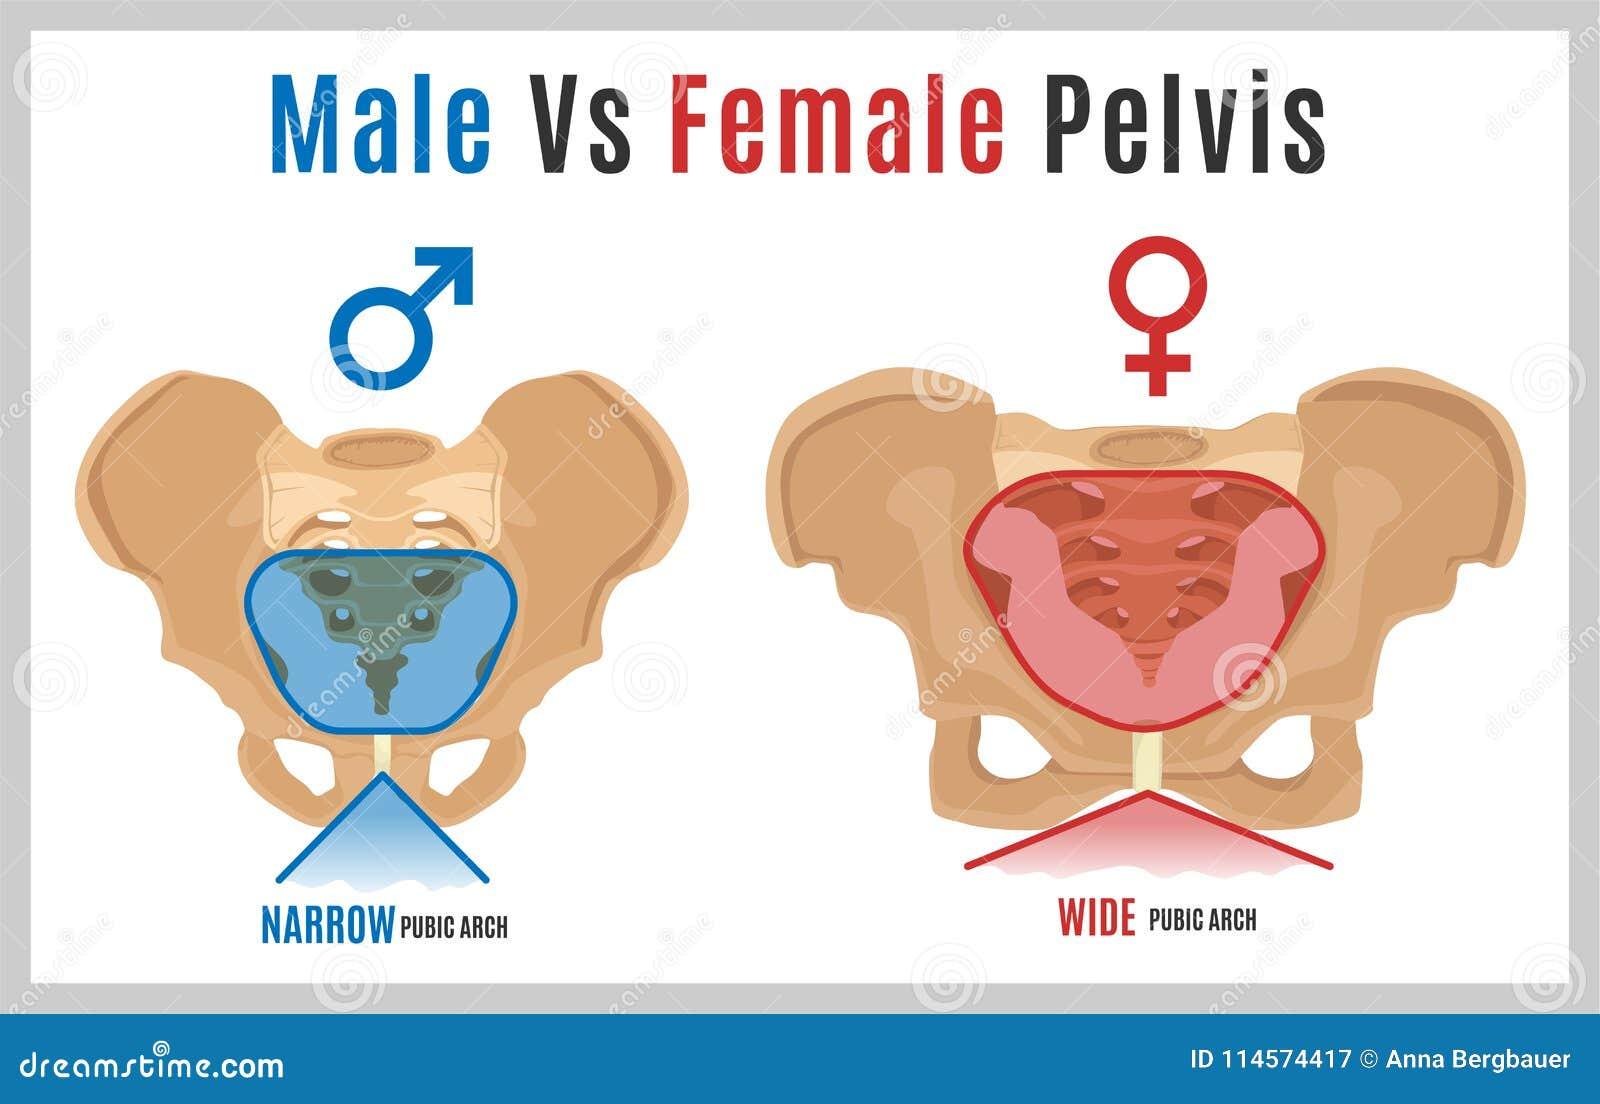 Weiblicher Mann Pelvis-09 vektor abbildung. Illustration von ...